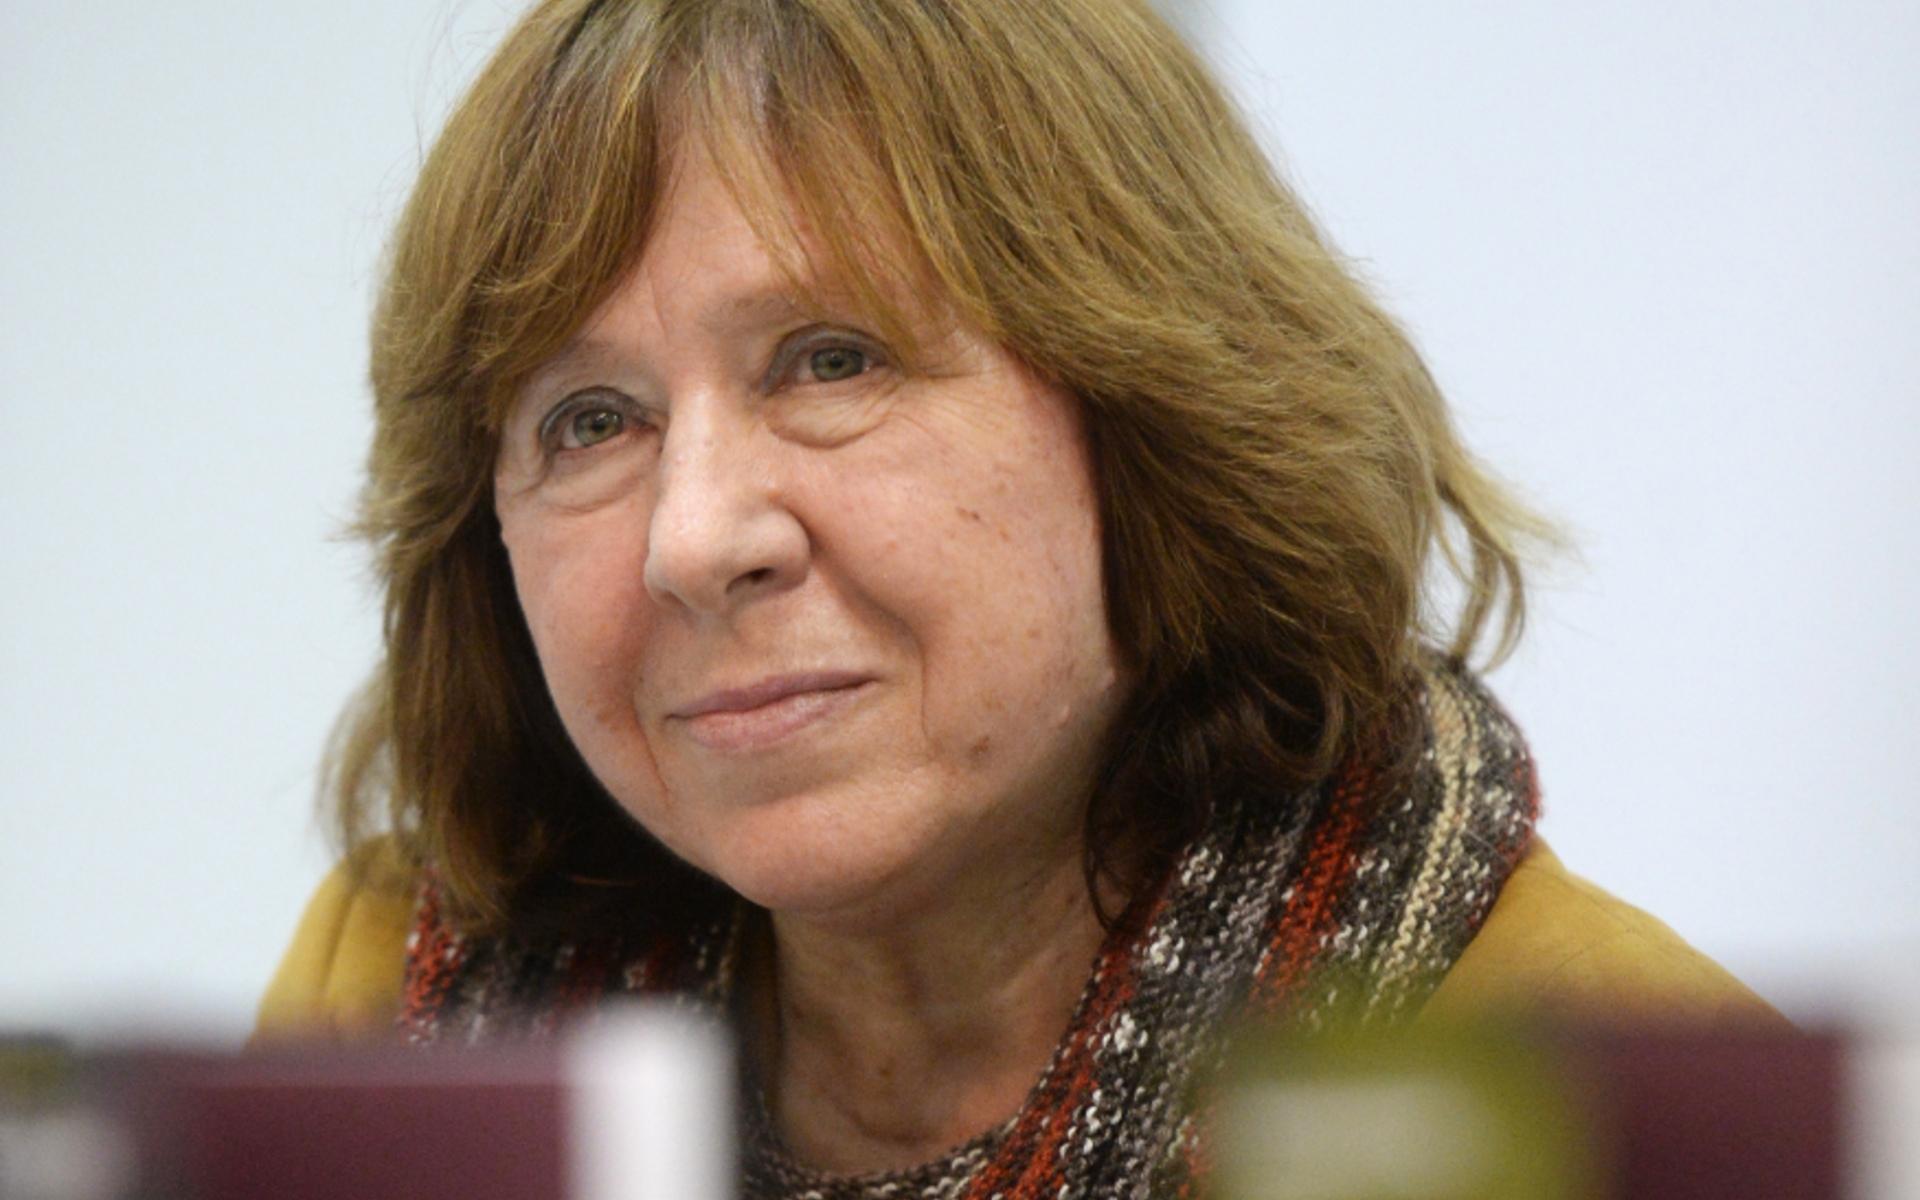 Светлана Алексиевич: Восстал не Координационный комитет. Восстала страна